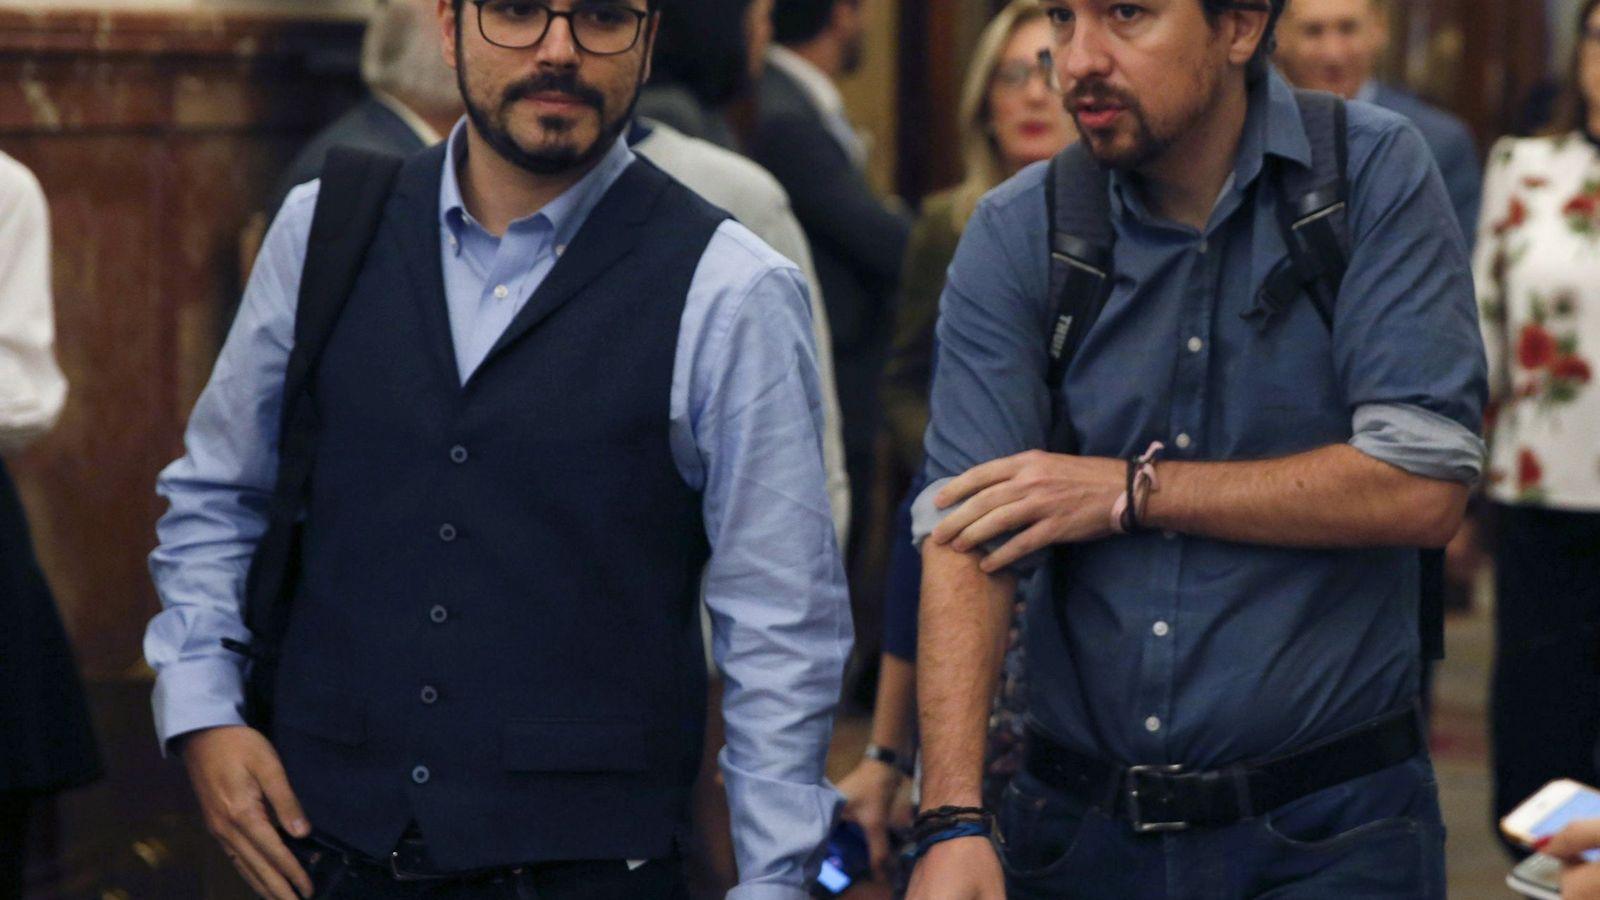 Foto: El líder de Podemos, Pablo Iglesias, y el líder de IU, Alberto Garzón, conversan en los pasillos del Congreso. (EFE)